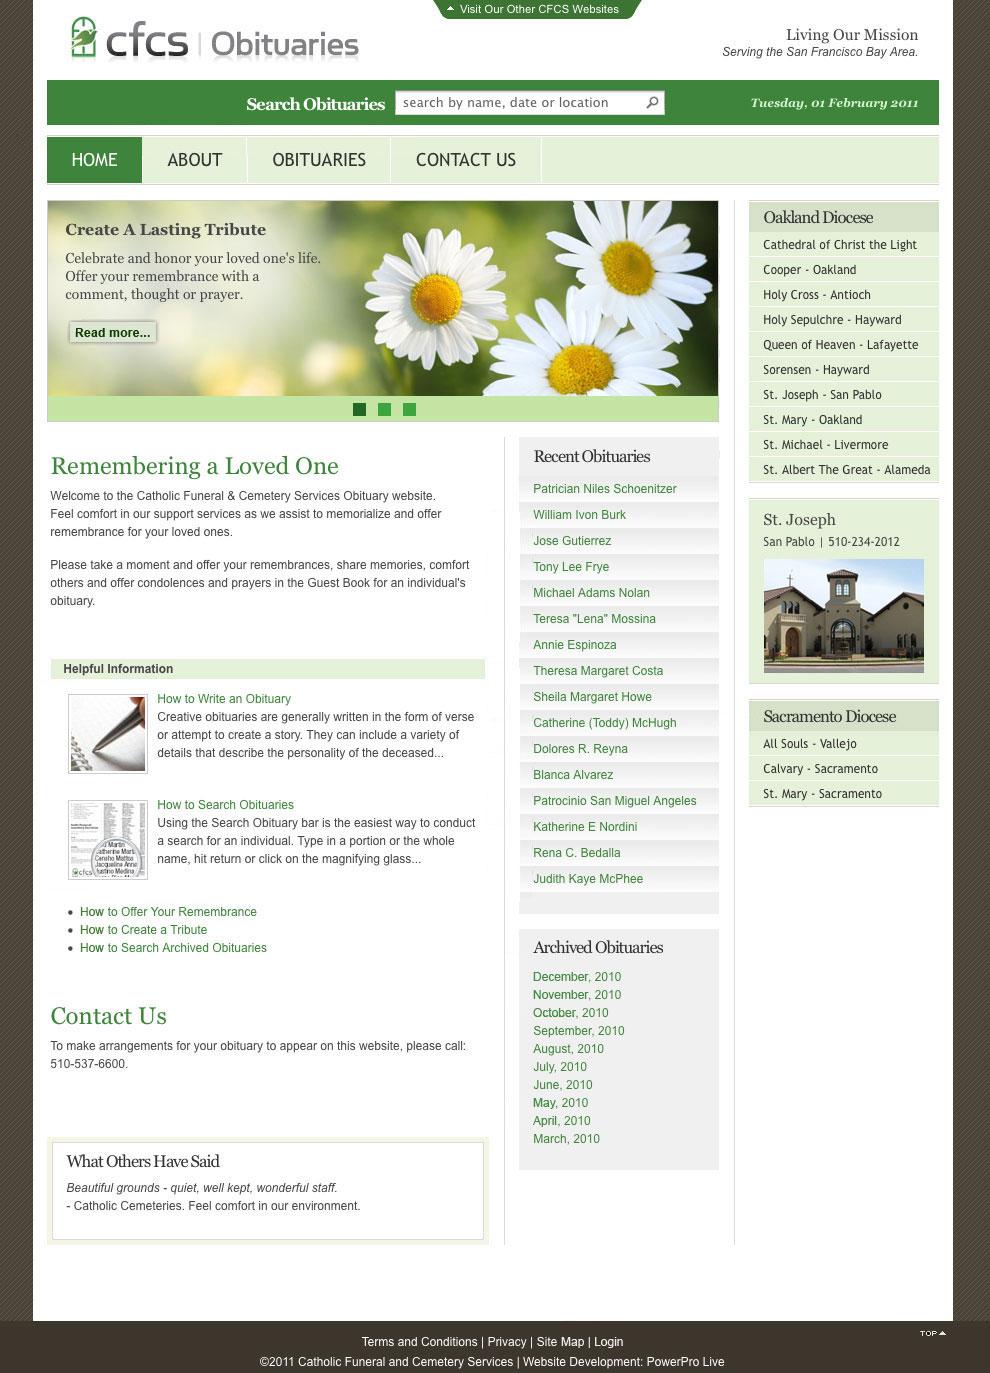 cfcs-obituaries-website